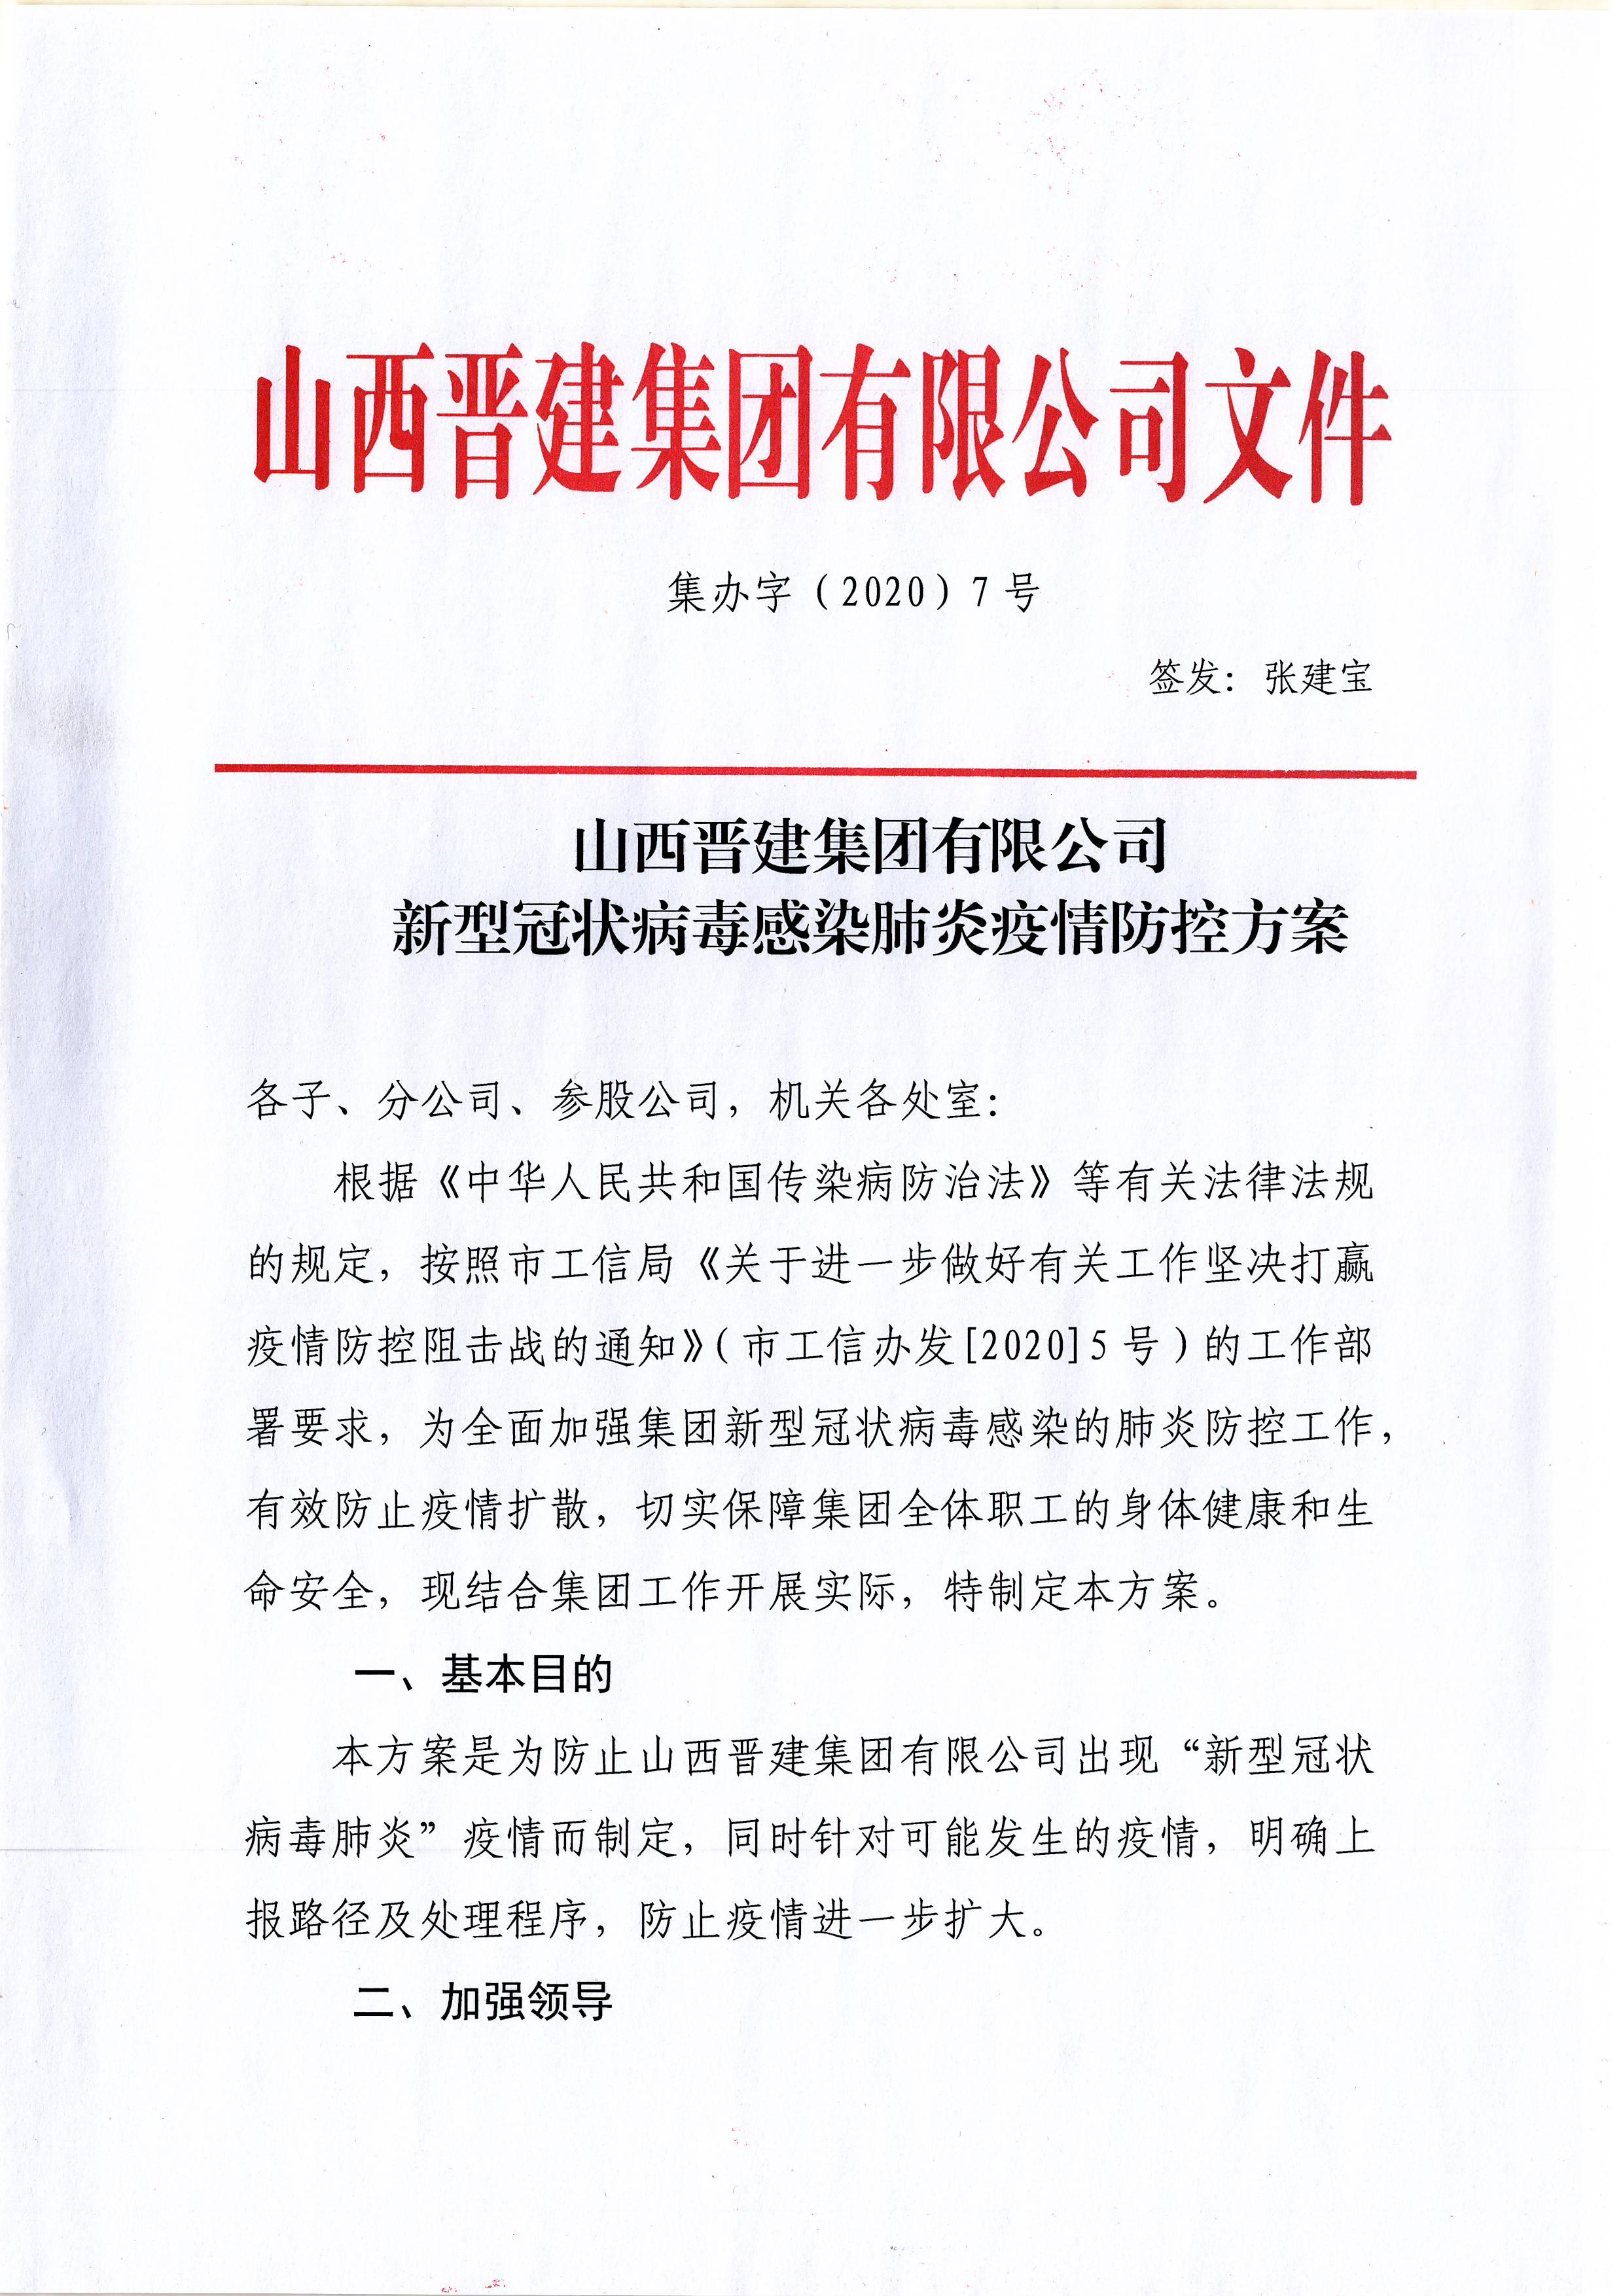 山西雷竞技妙斗鱼S9合作伙伴雷竞技app用不了新型冠状病毒感染疫情防控方案